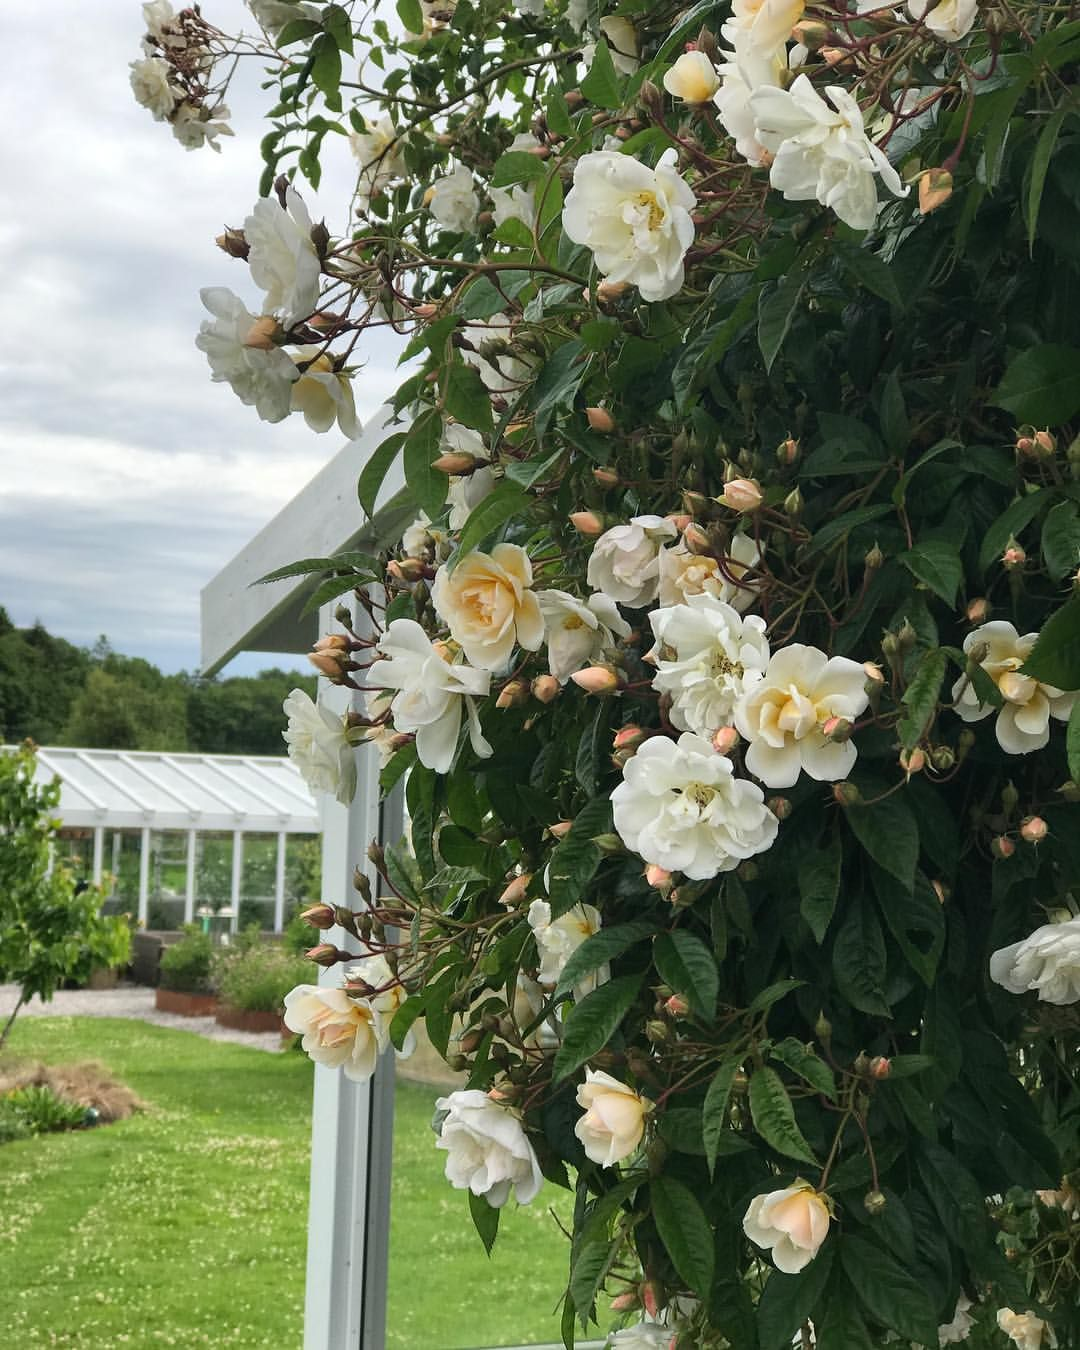 3 654 Likerklikk 45 Kommentarer Halvor Bakke Halvor Bakke Pa Instagram Lykkefunn Denne Rosen Er Bare Magisk Og Lukter F Floral Wreath Plants Floral